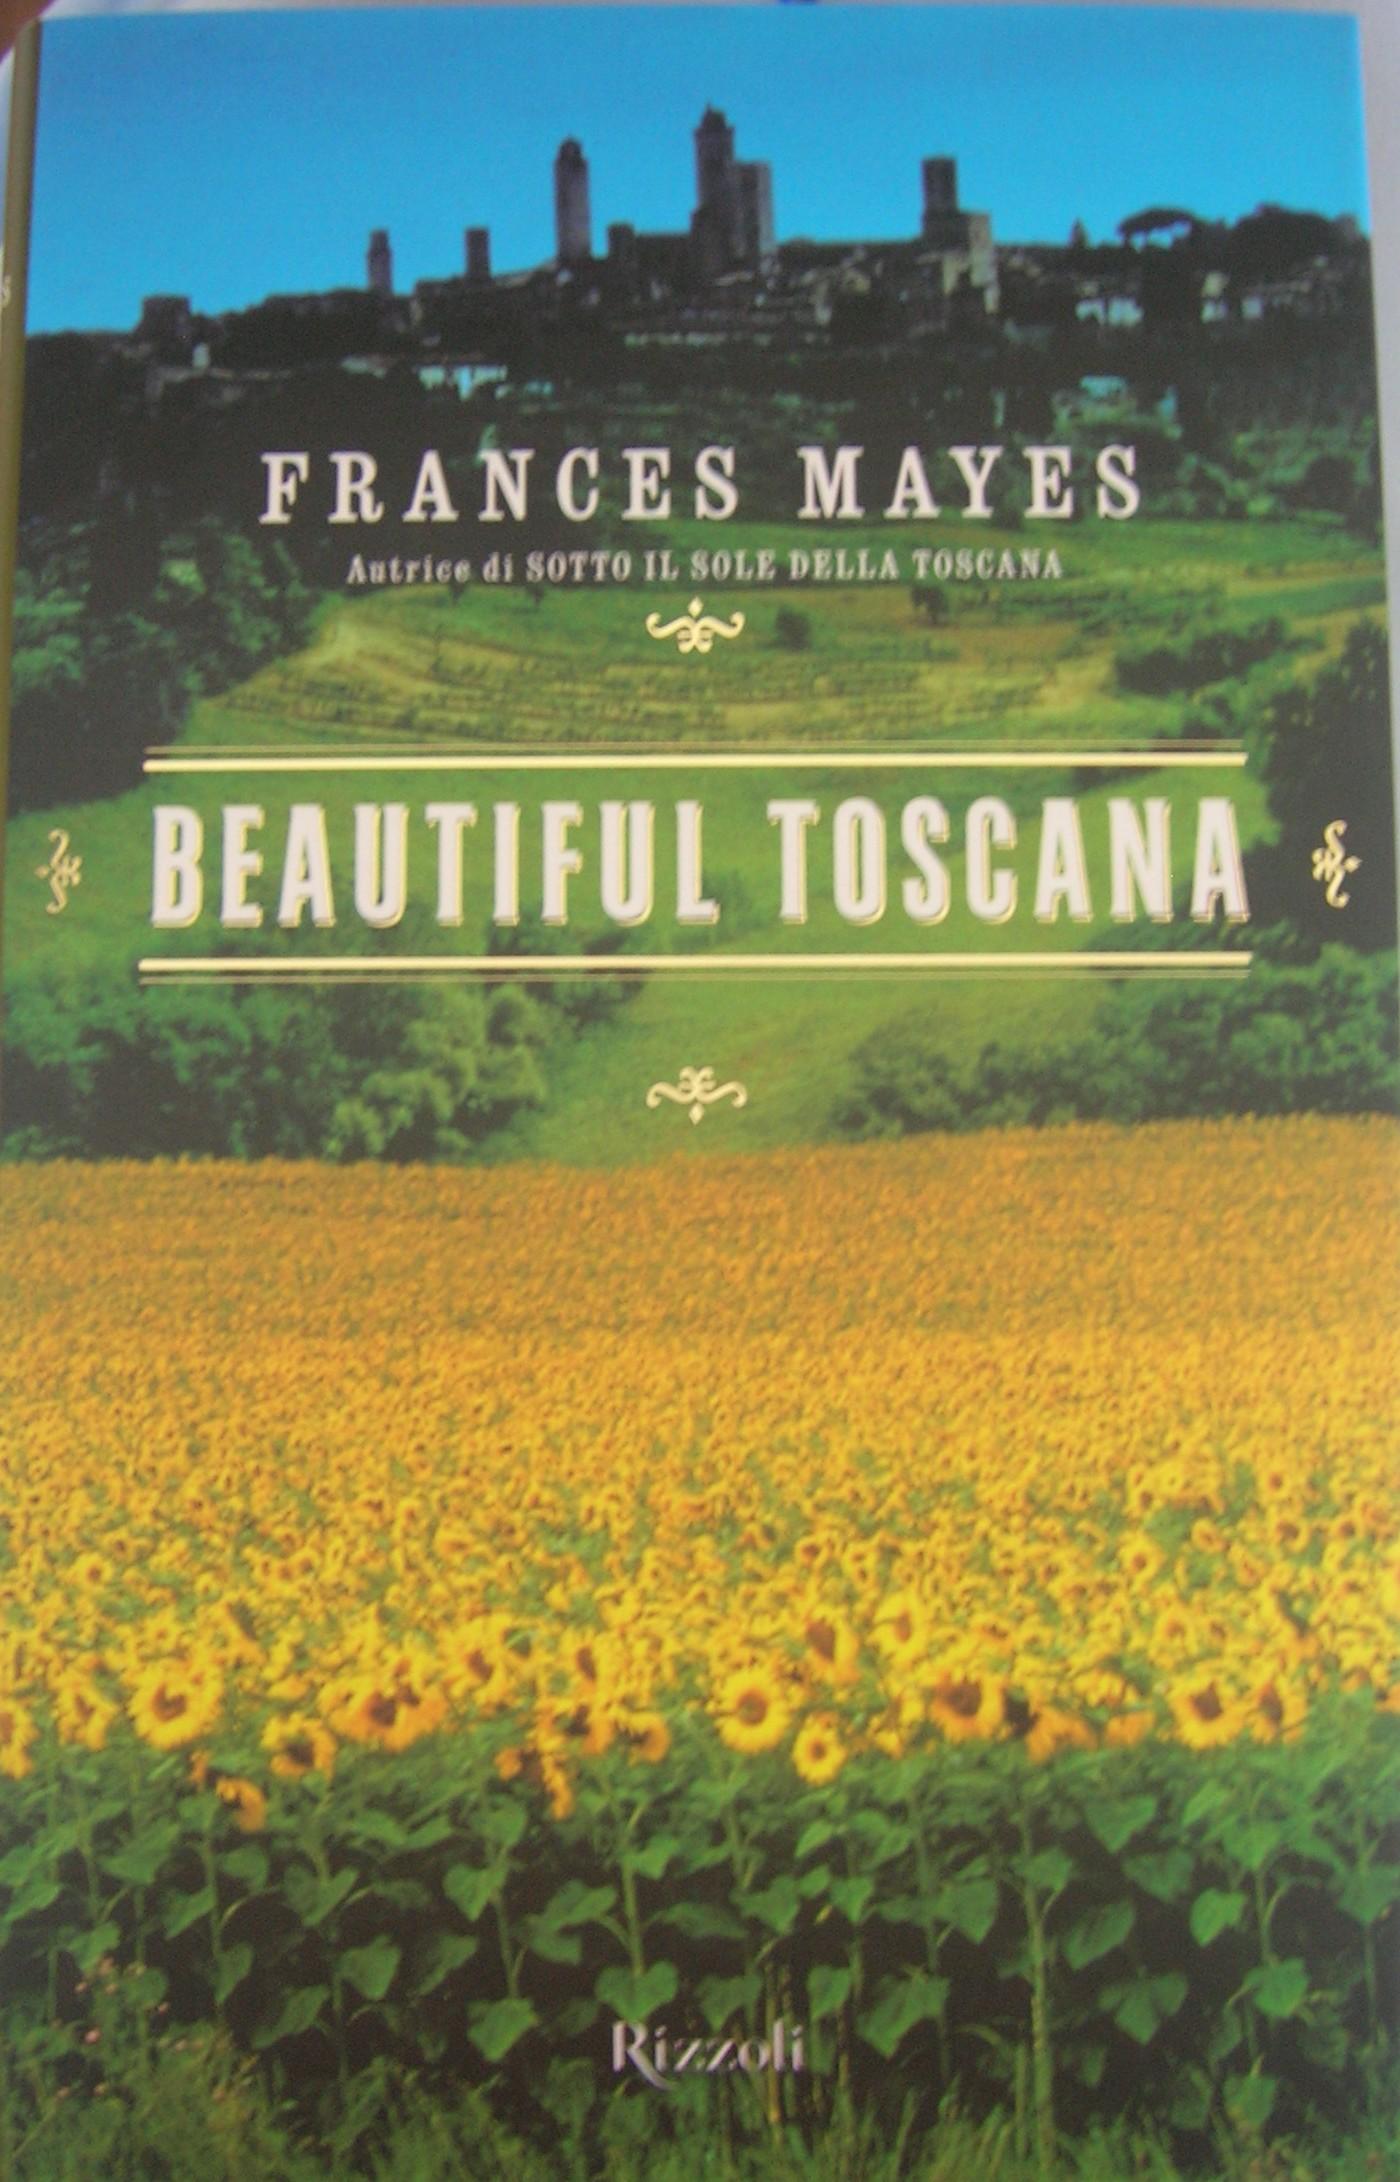 Beautiful Toscana